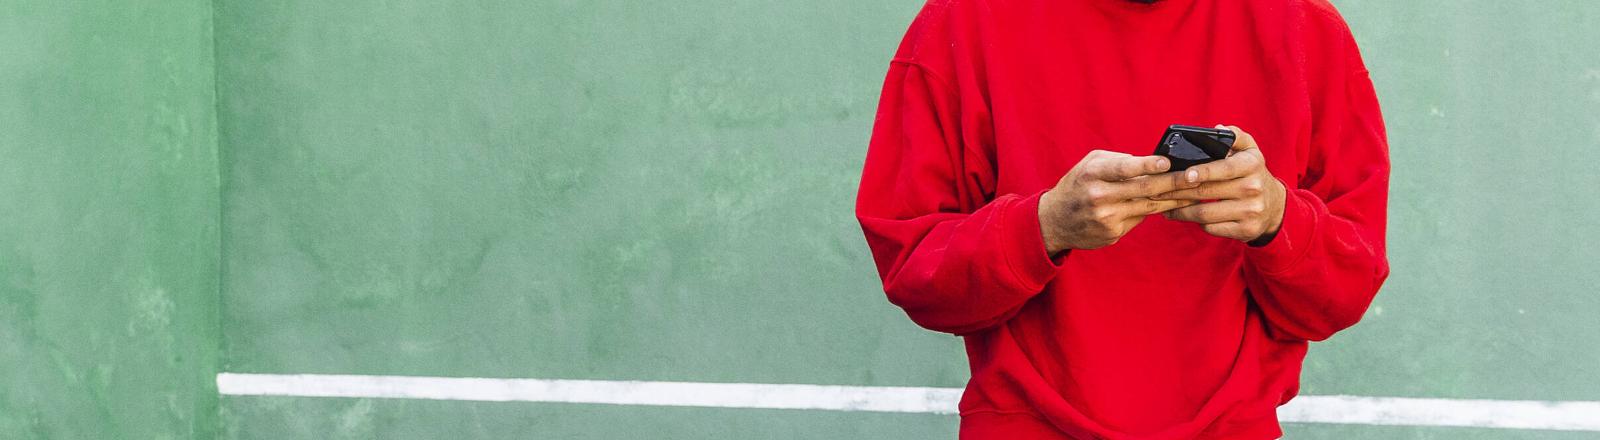 Handynutzer mit Pullover